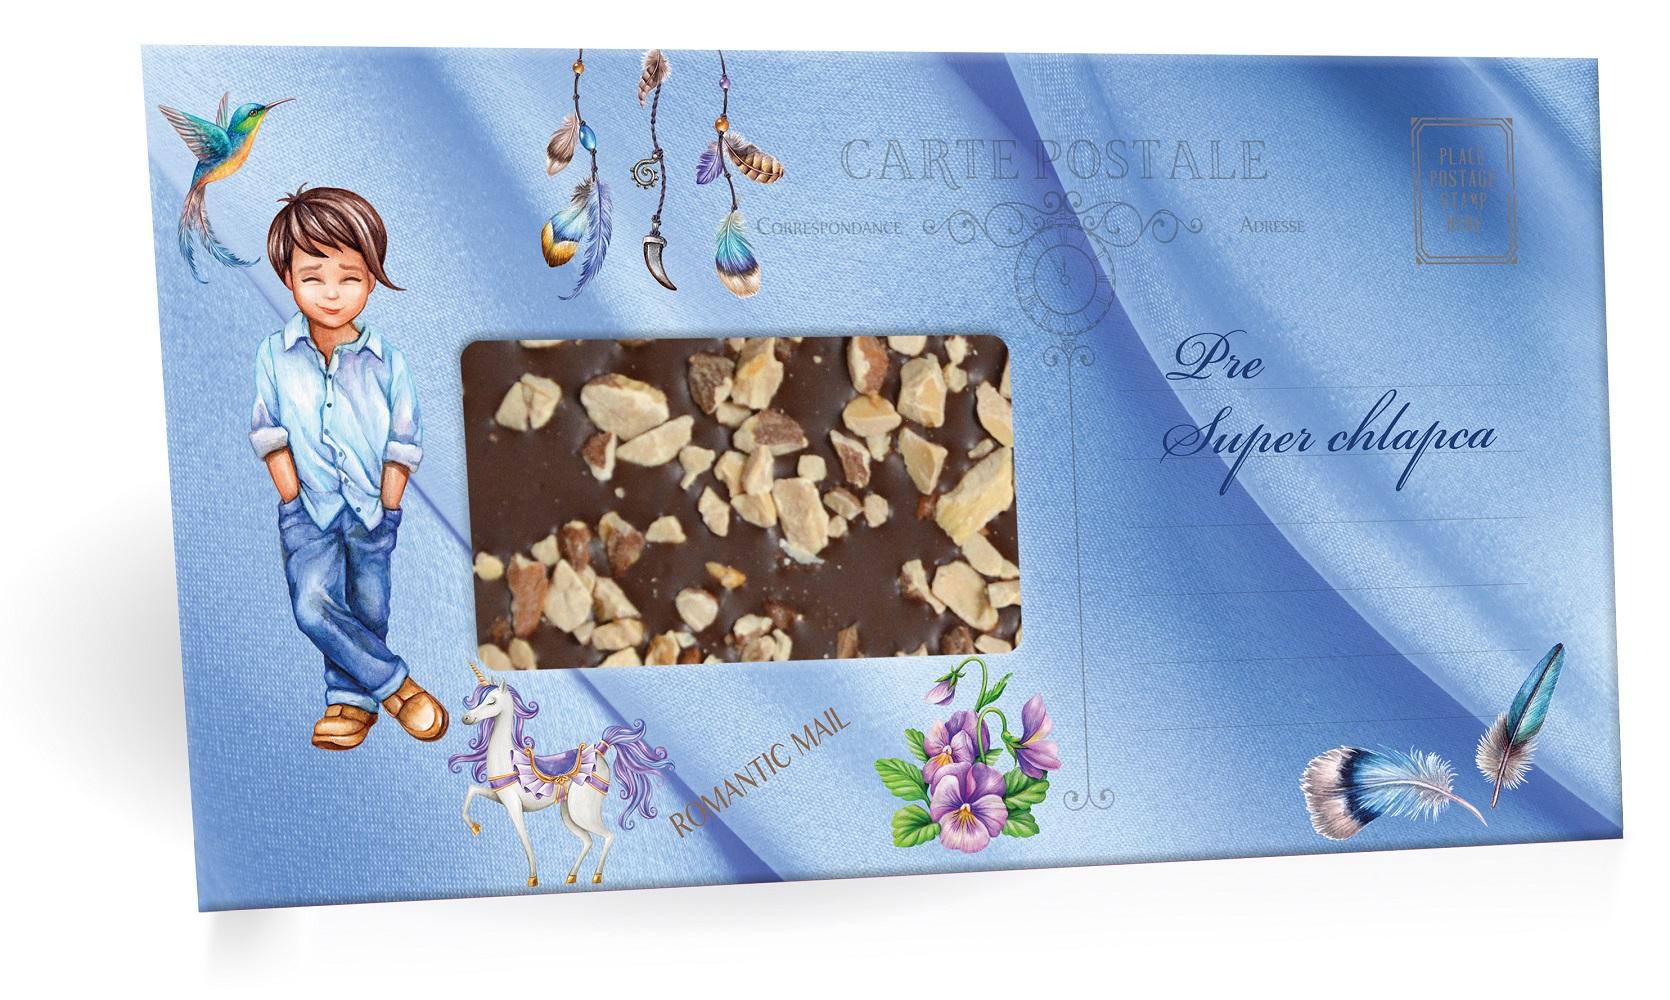 Pre super chlapca - Mliečná čokoláda s posypom mandle 96g SLOVENSKY